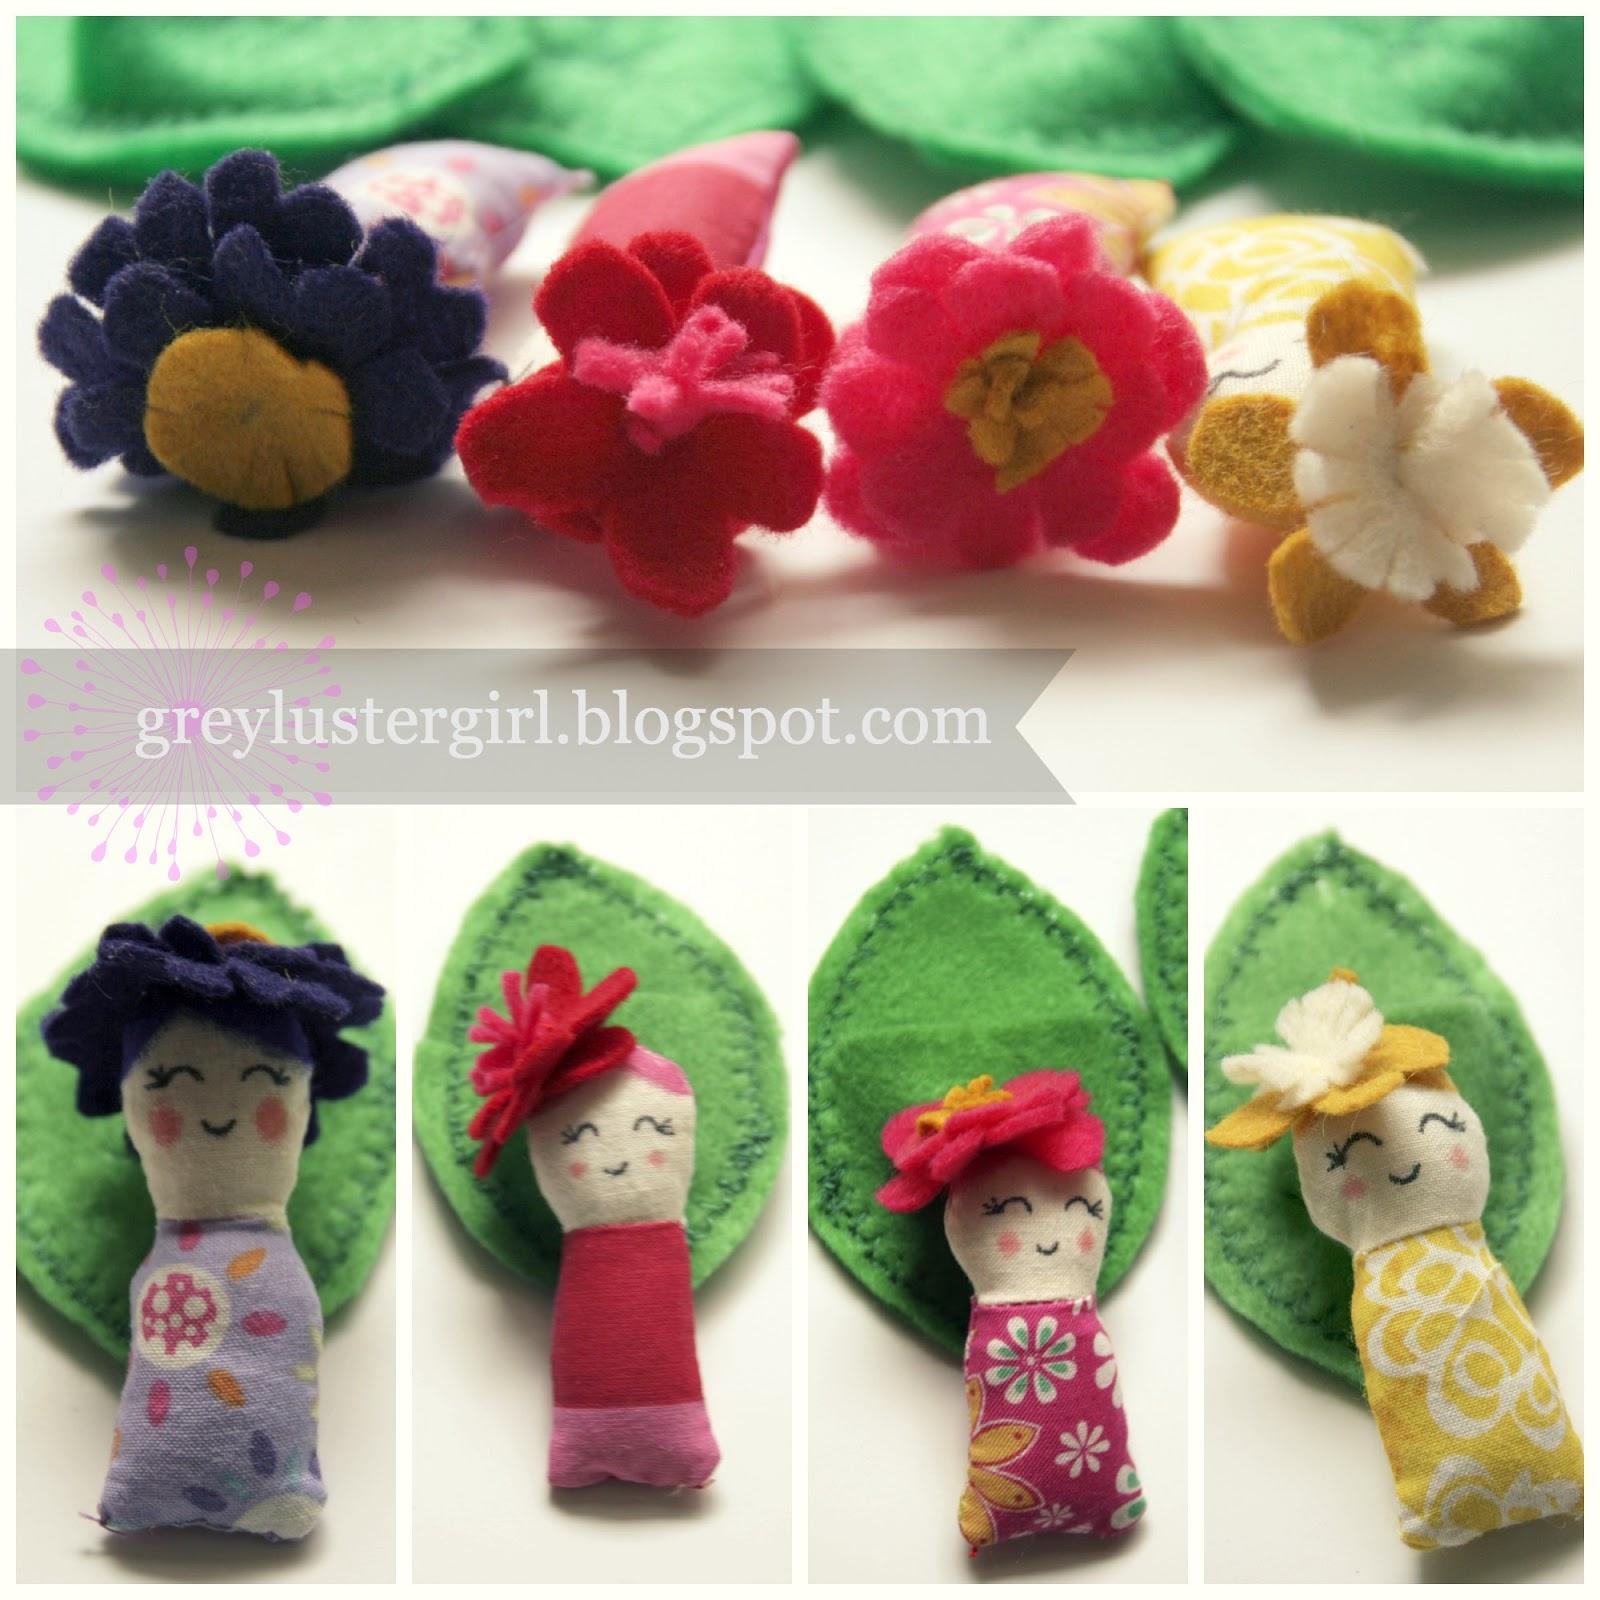 Homemade Travel Gift Ideas for Kids